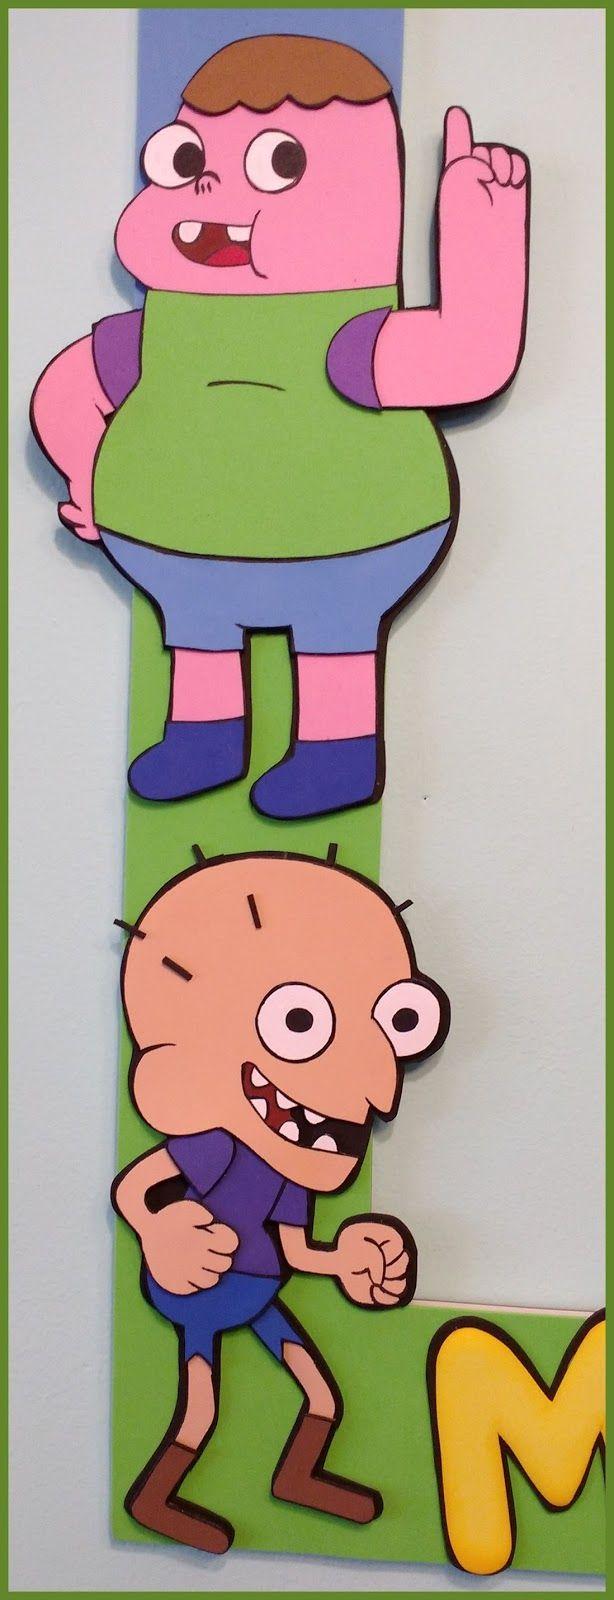 Marco selfie de clarence, para un fanático de estos dibujos animados :D todo hecho en goma eva :)